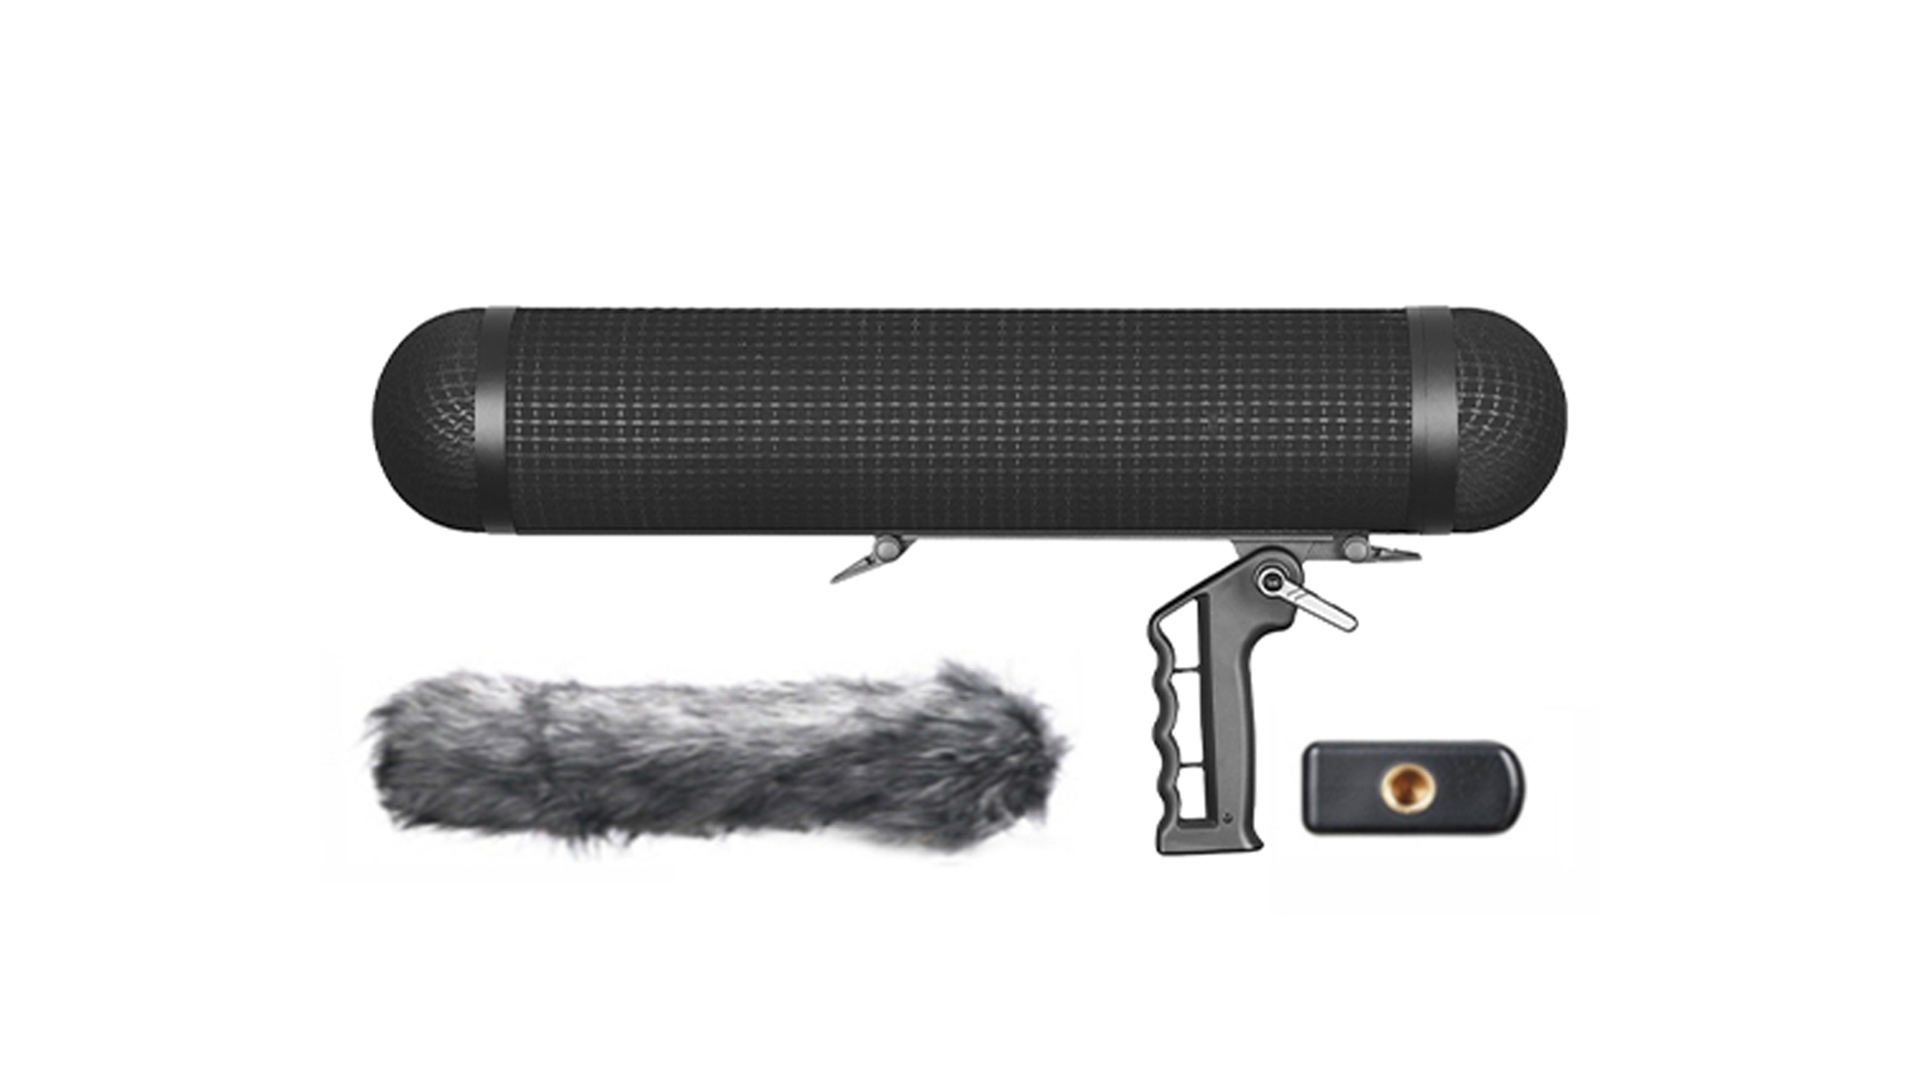 BS-M80_E-Image_BS-M80-Shield con protezione antivento per microfono 42,5 cm-2